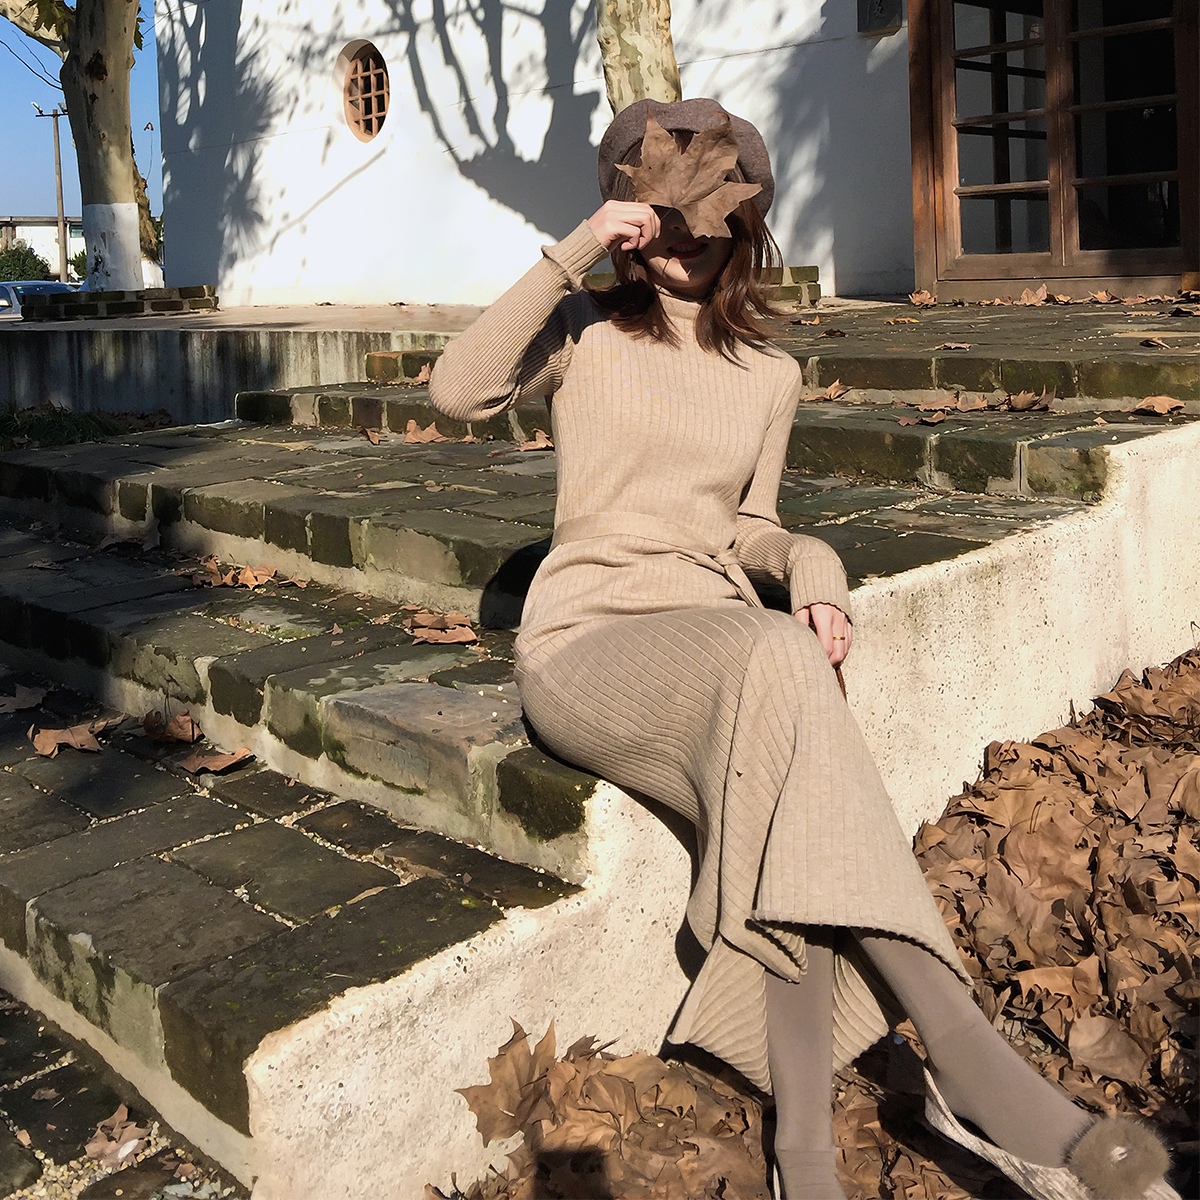 2018冬季新款系带半高领针织连衣裙气质修身长袖裙子女装安娜anna